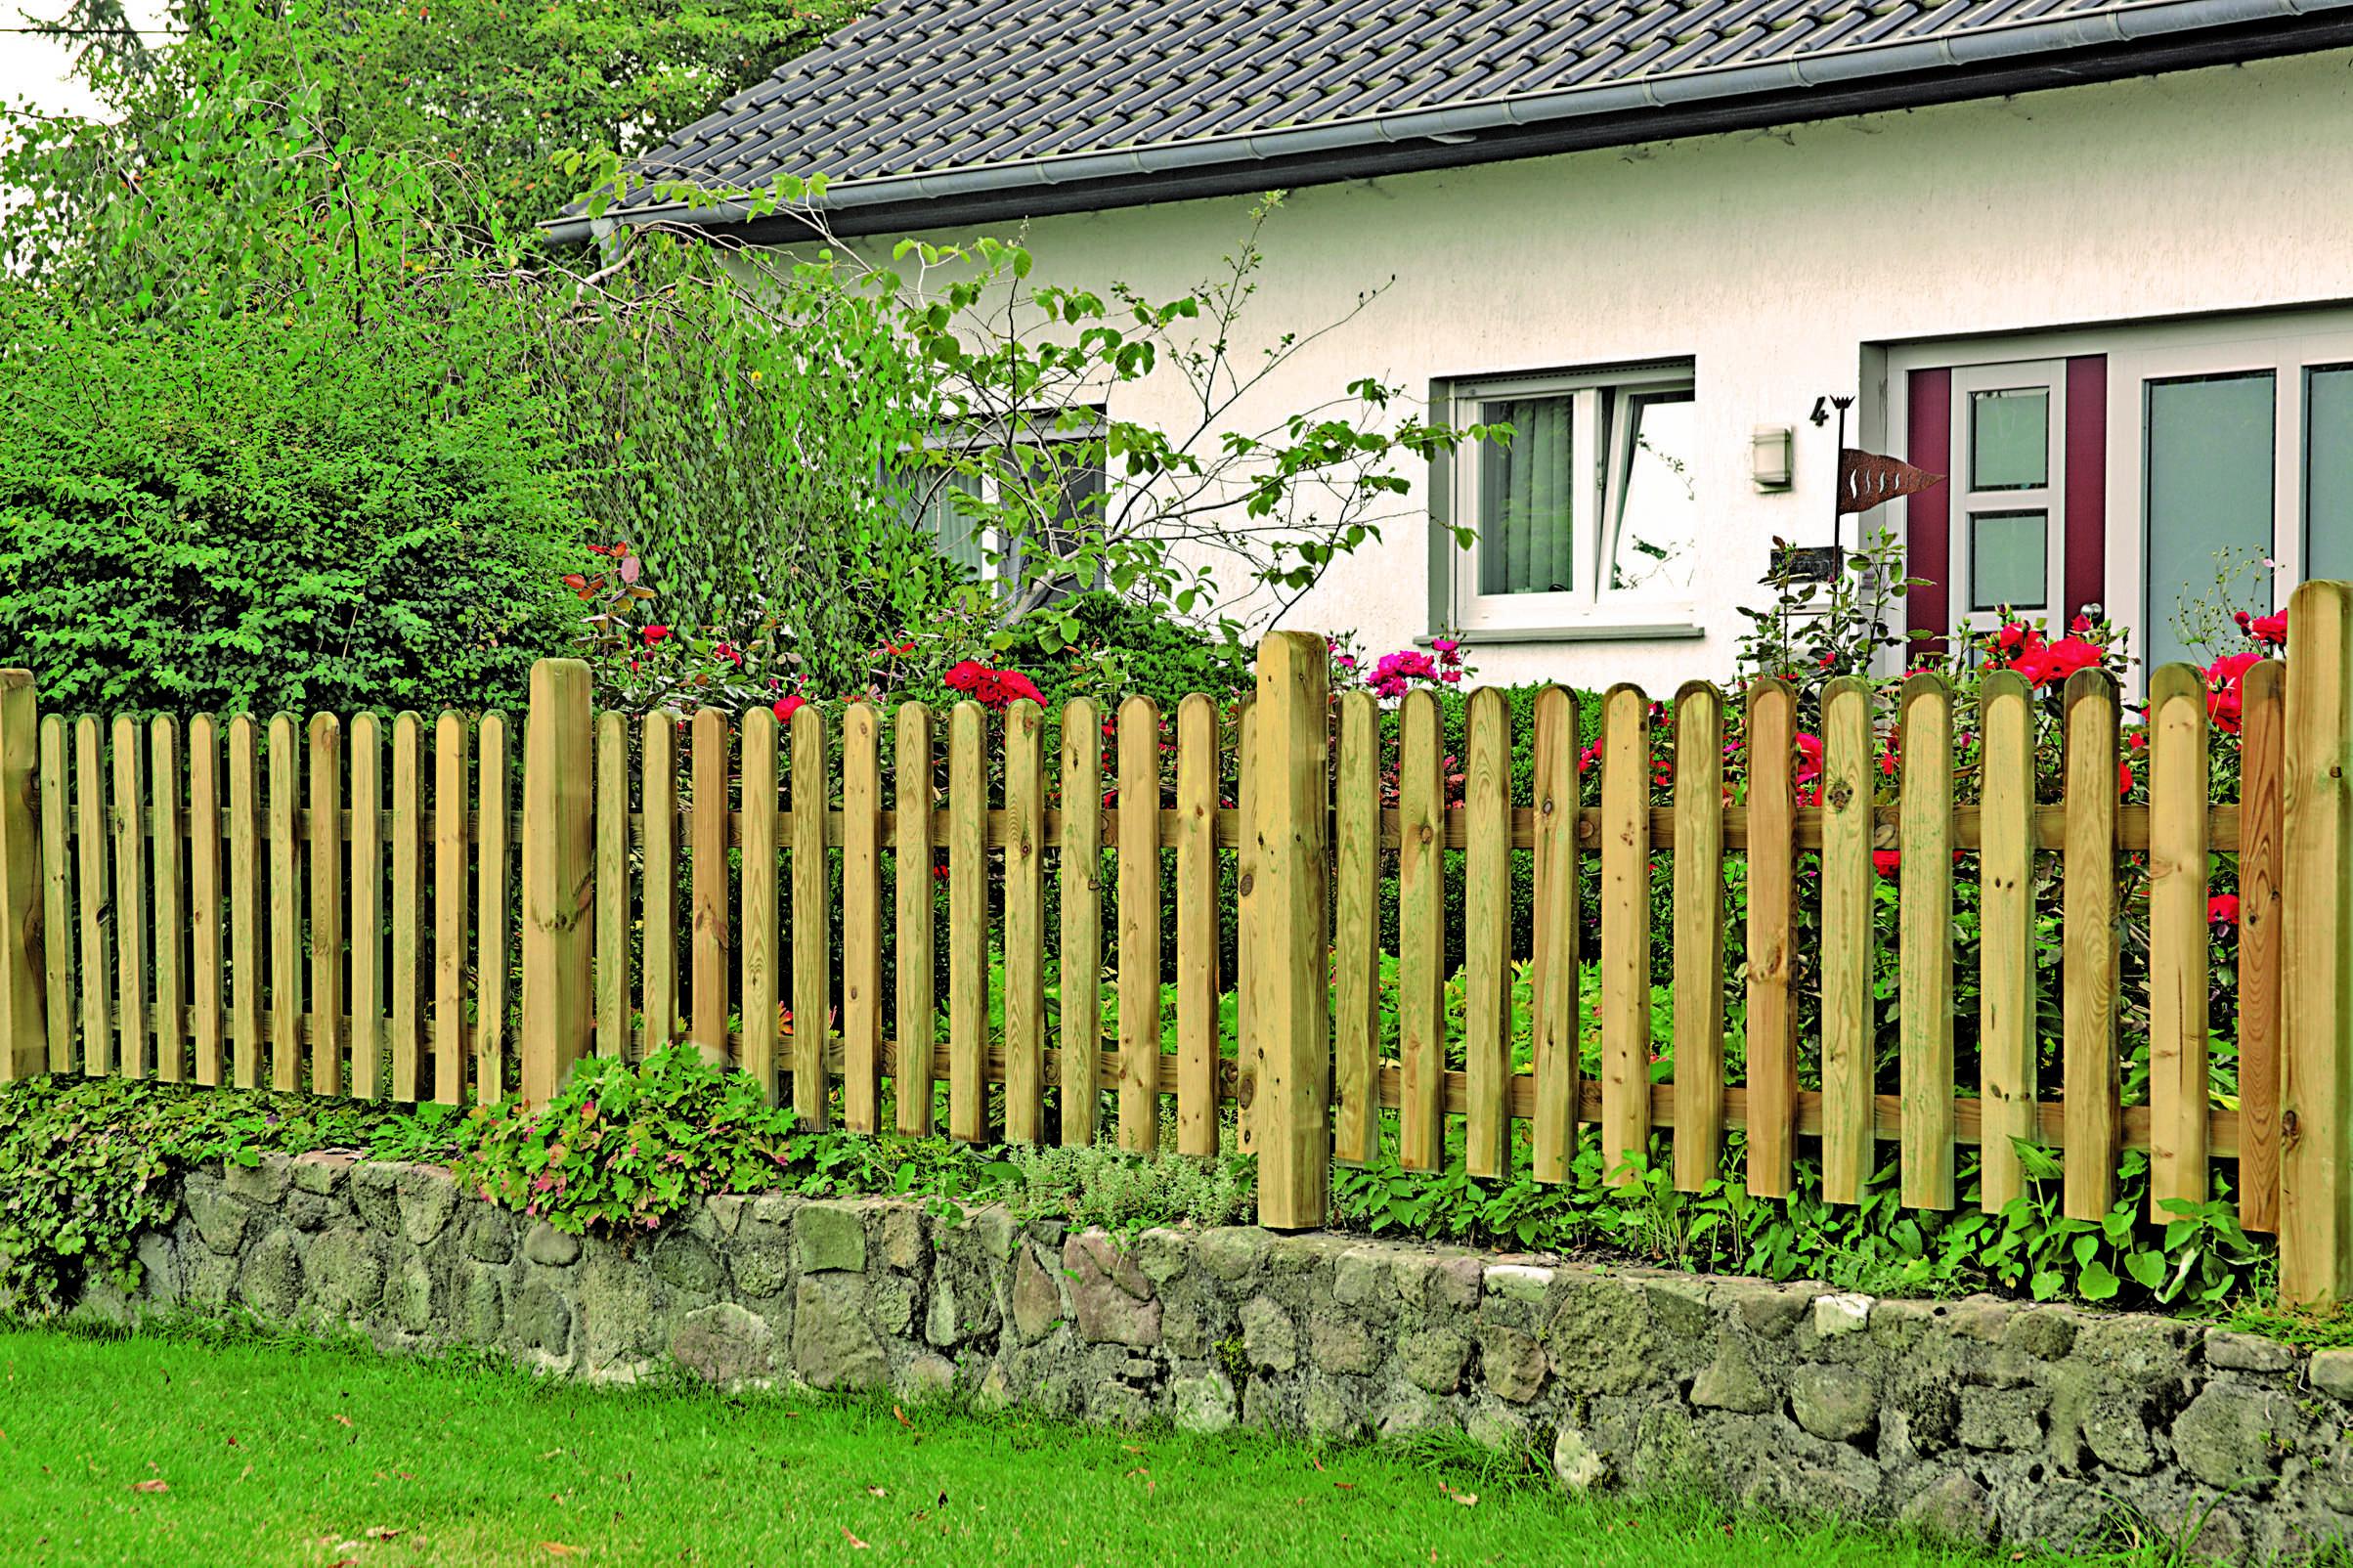 Gartenzaun Heiko Vorgartenzaun Ambiente.